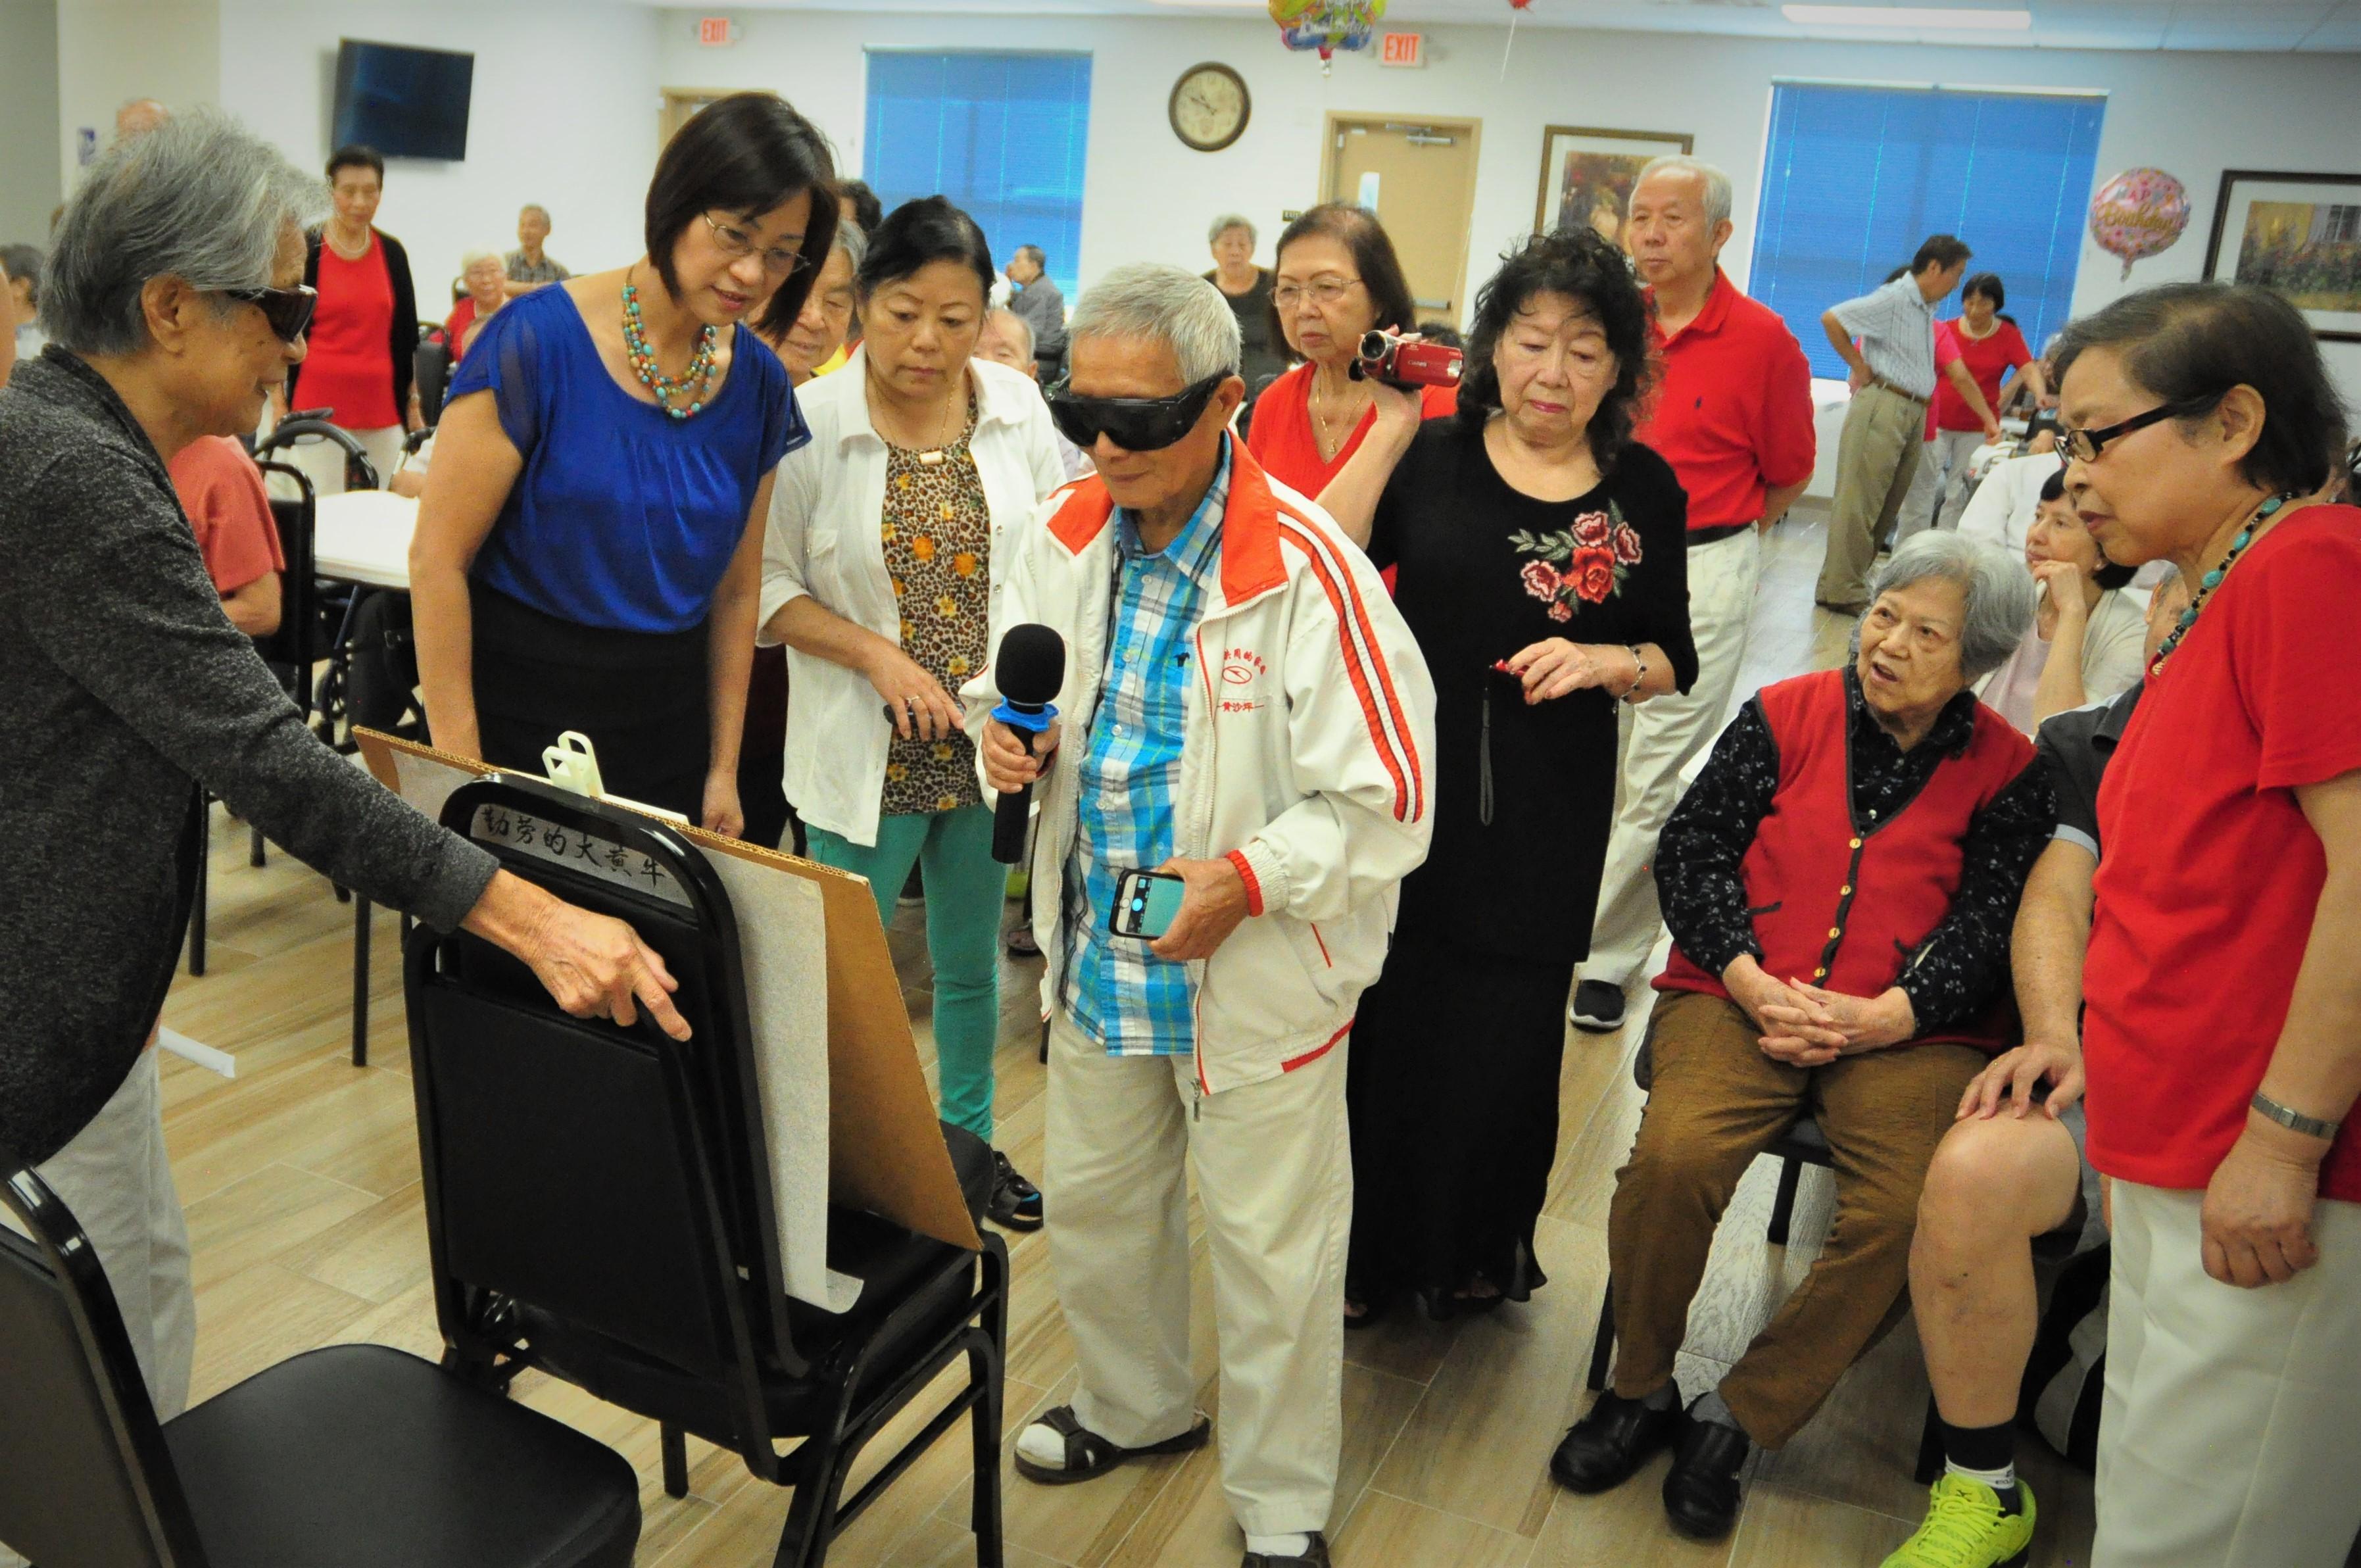 長樂活動中心經常舉辦各類活動,讓長者們生活充實精彩。